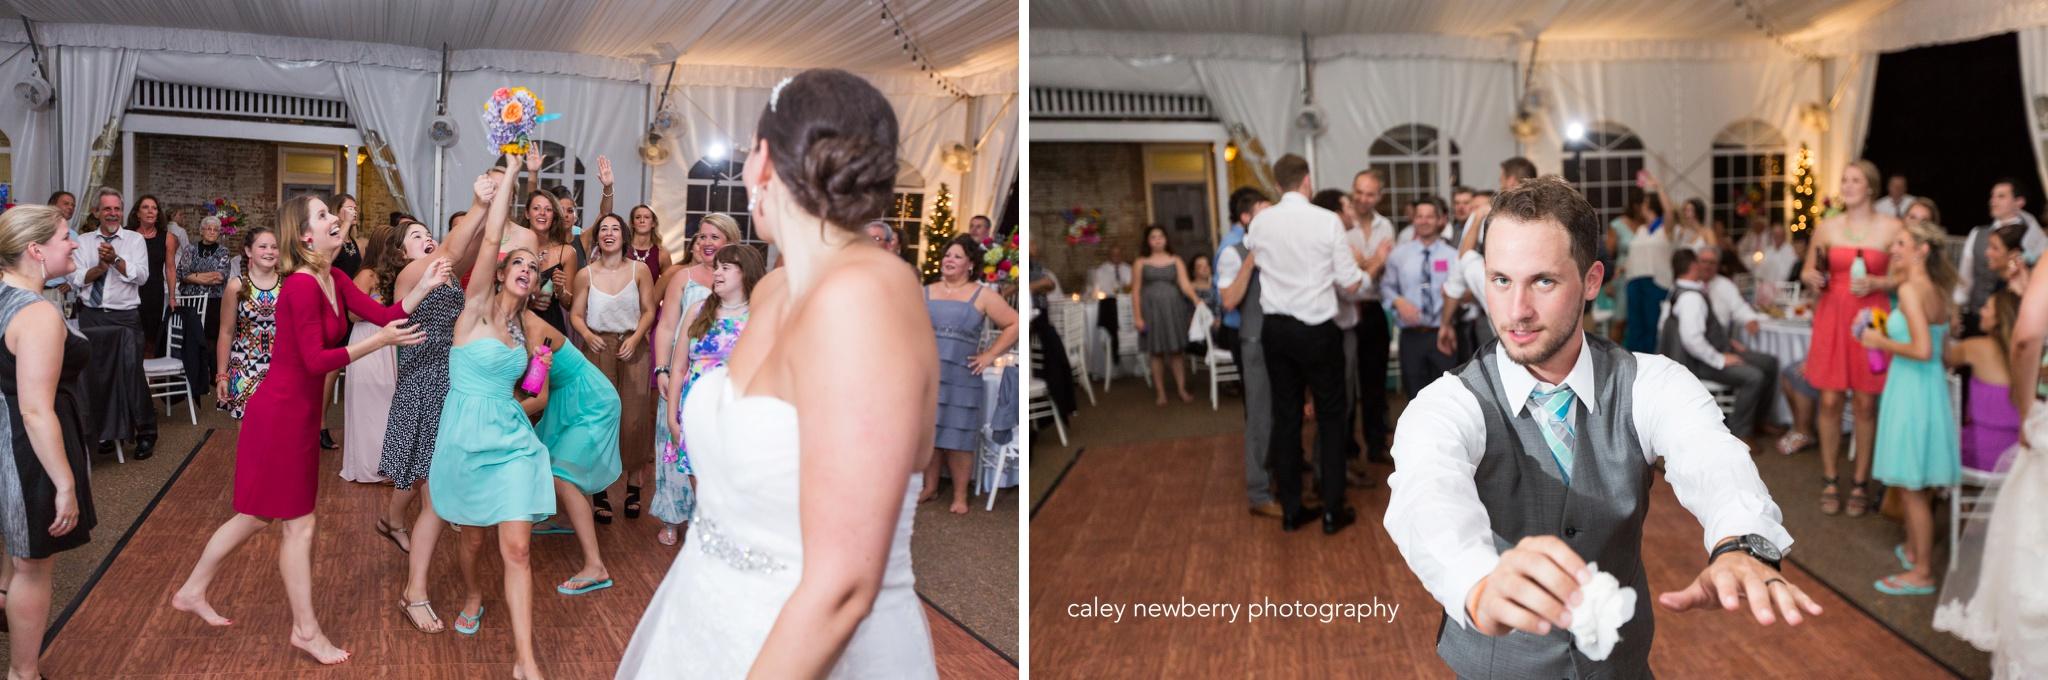 www.caleynewberry.com